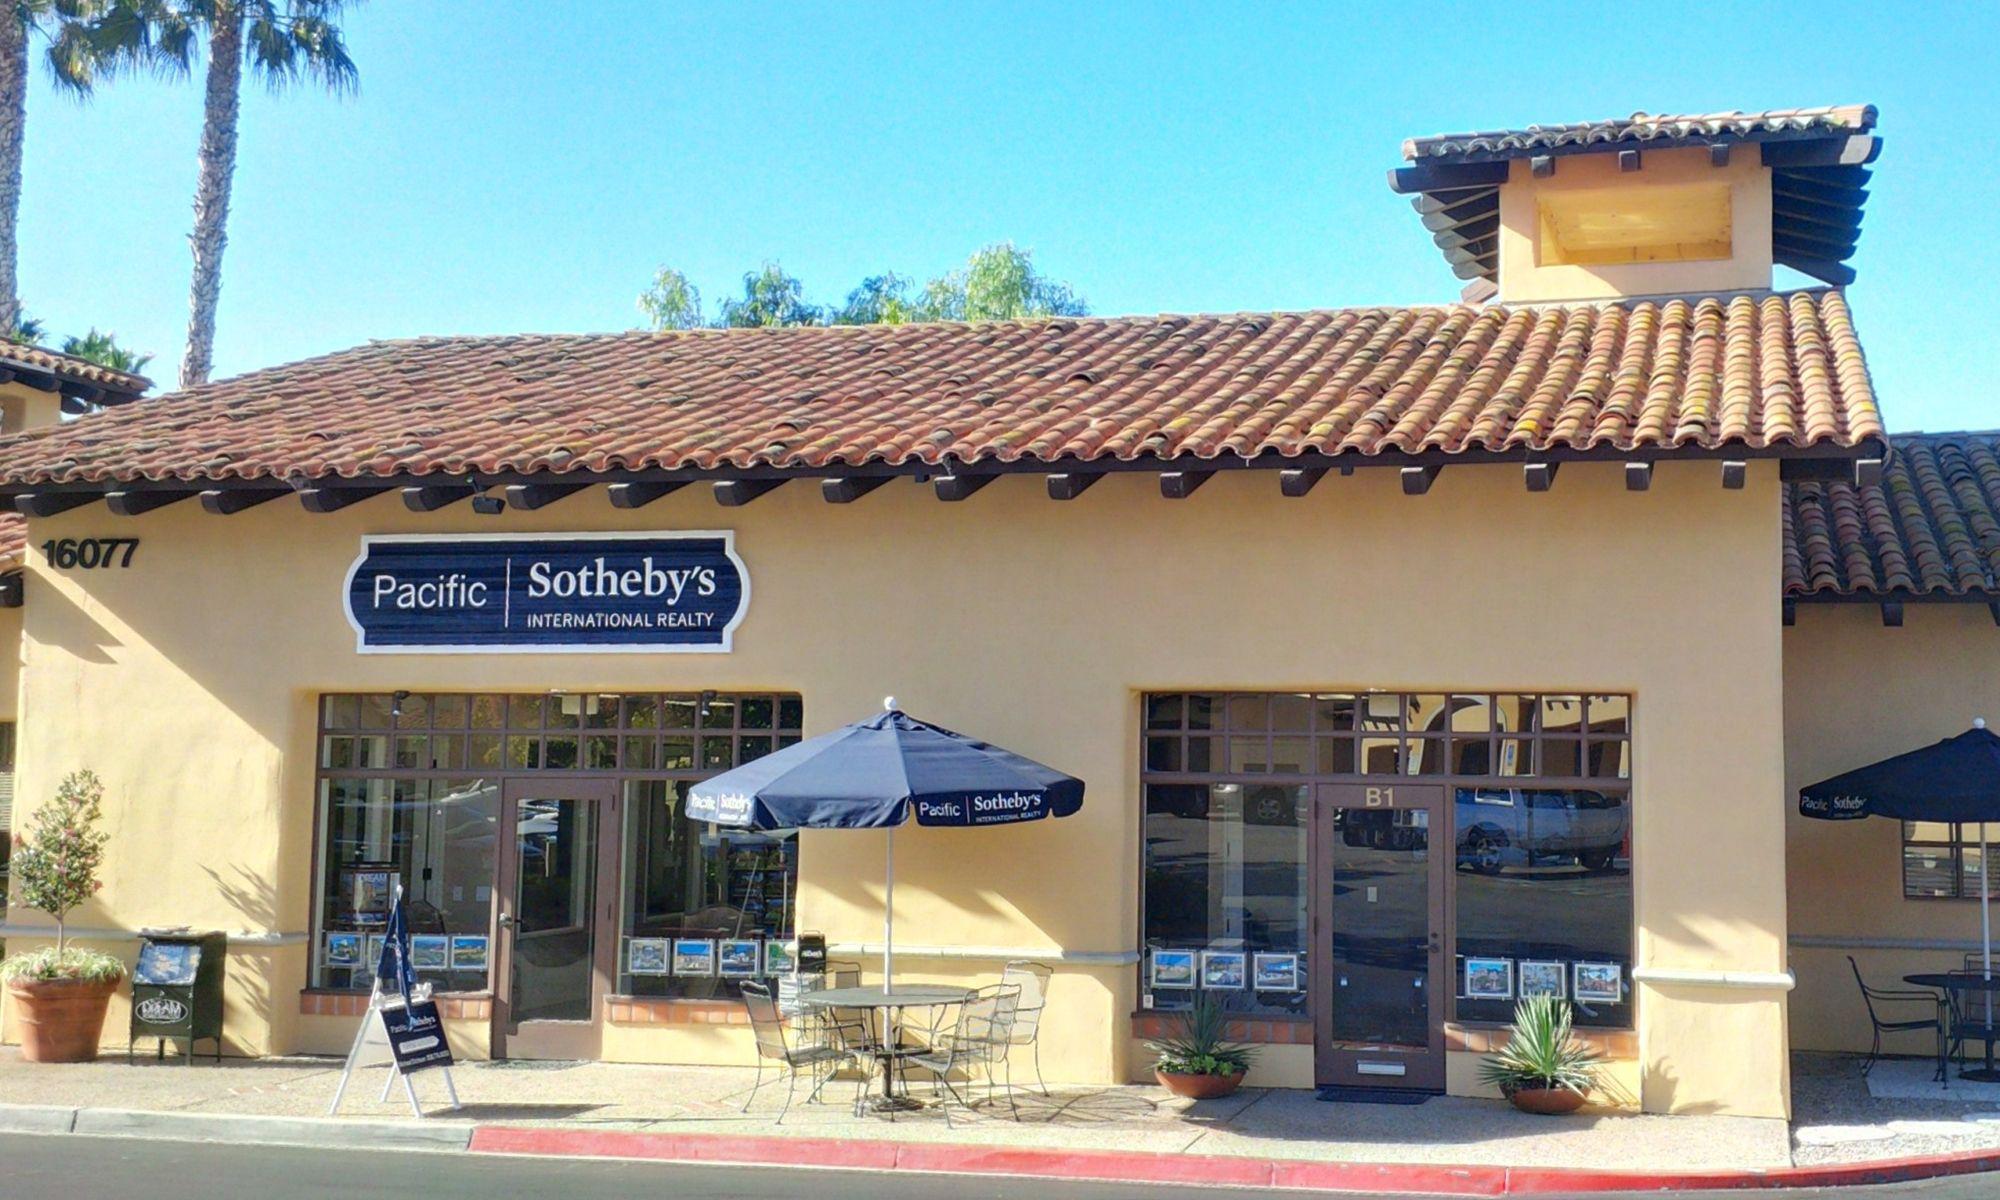 Rancho Santa Fe - Del Rayo   16077 San Dieguito Rd.  Rancho Santa Fe, California 92067  858.832.7030  Languages: English, French, Persian, Spanish